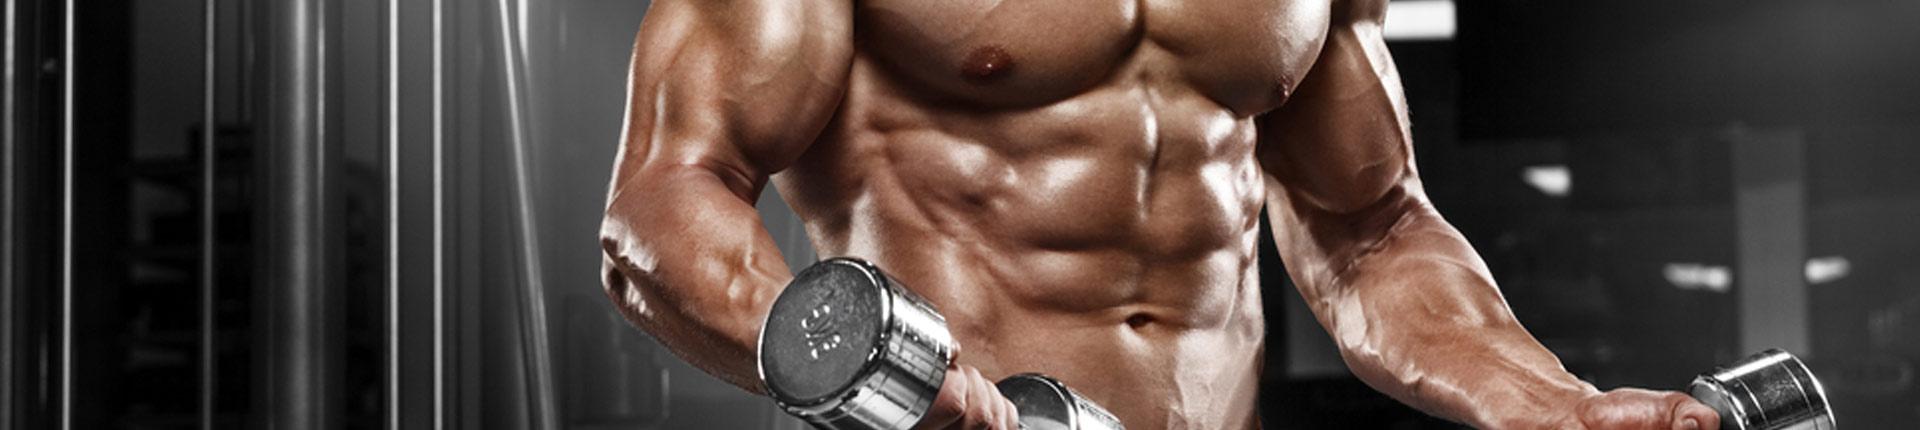 Jak odpowiednio dobrać obciążenie treningowe?